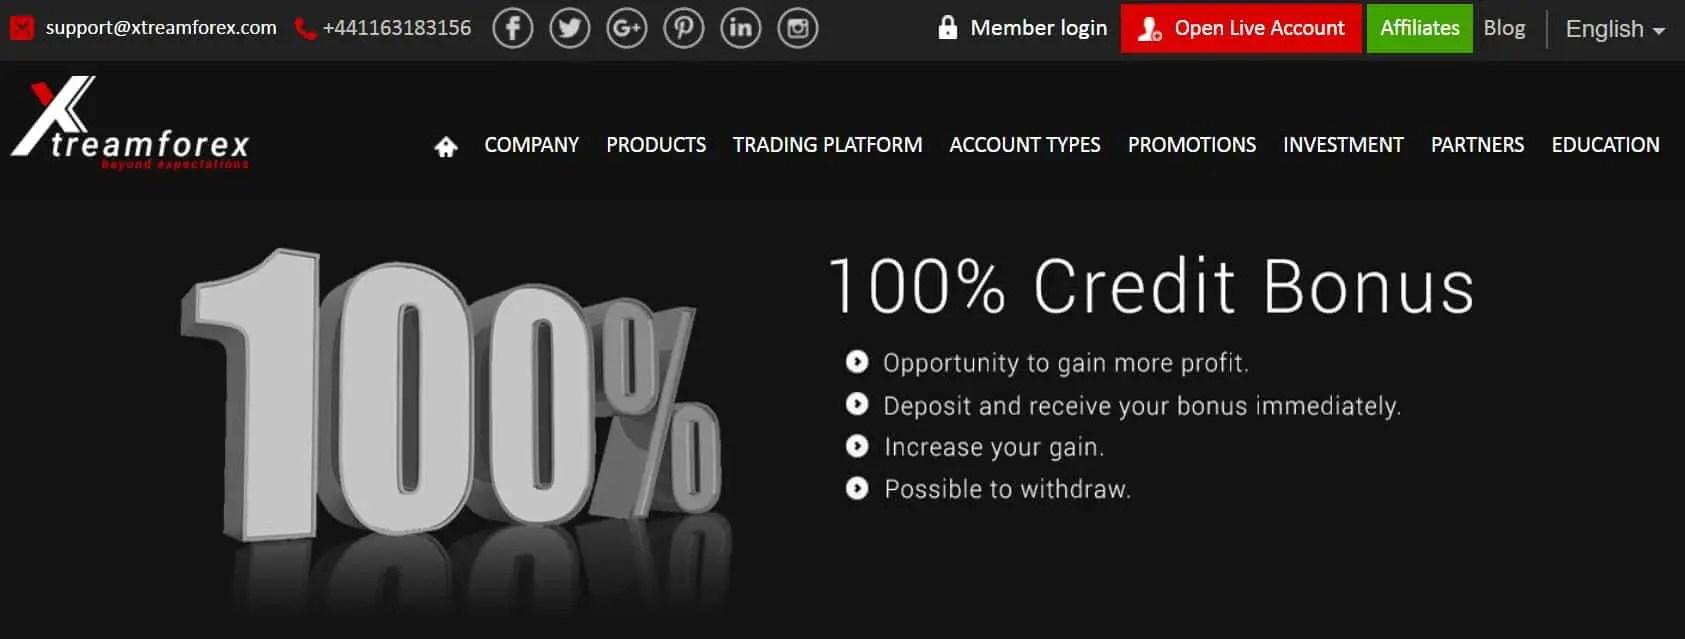 Xtreamforex - 100% Deposit Bonus - Forex Penguin